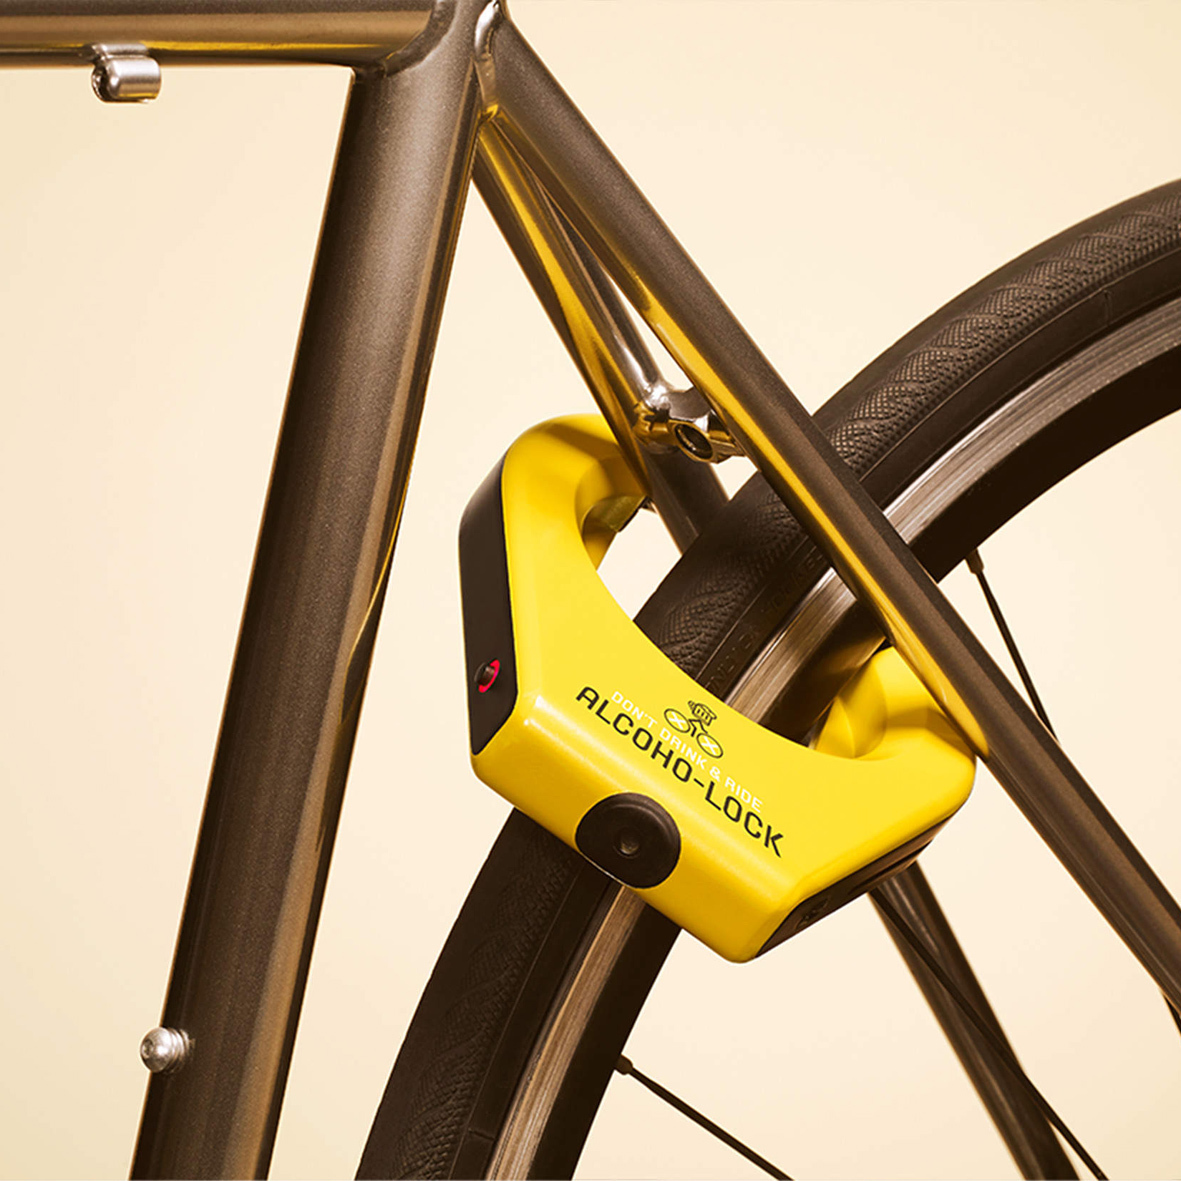 mid Düsseldorf - Das intelligente Fahrradschloss Alcoho-Lock öffnet sich nur dann, wenn der Radler zuvor mit einer Atemprobe seine Fahrtauglichkeit nachweist.